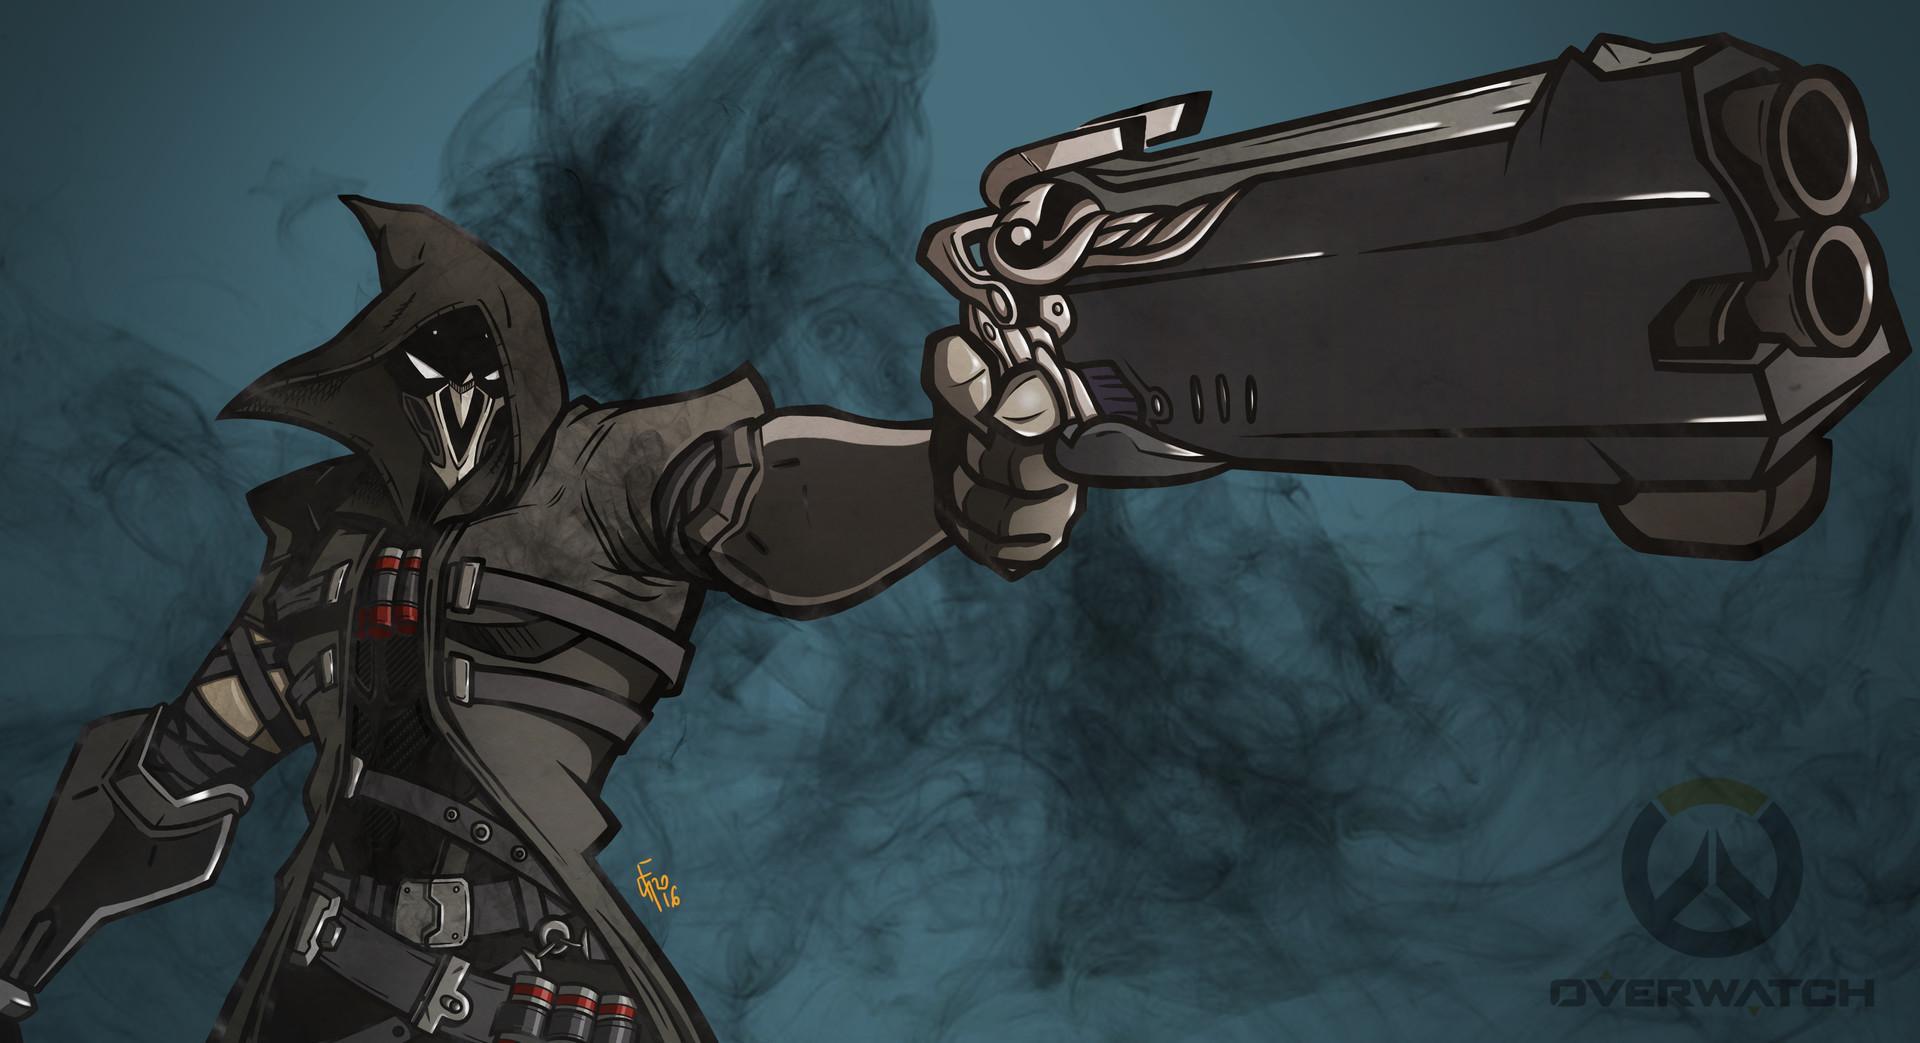 Giulio fanfoni reaper